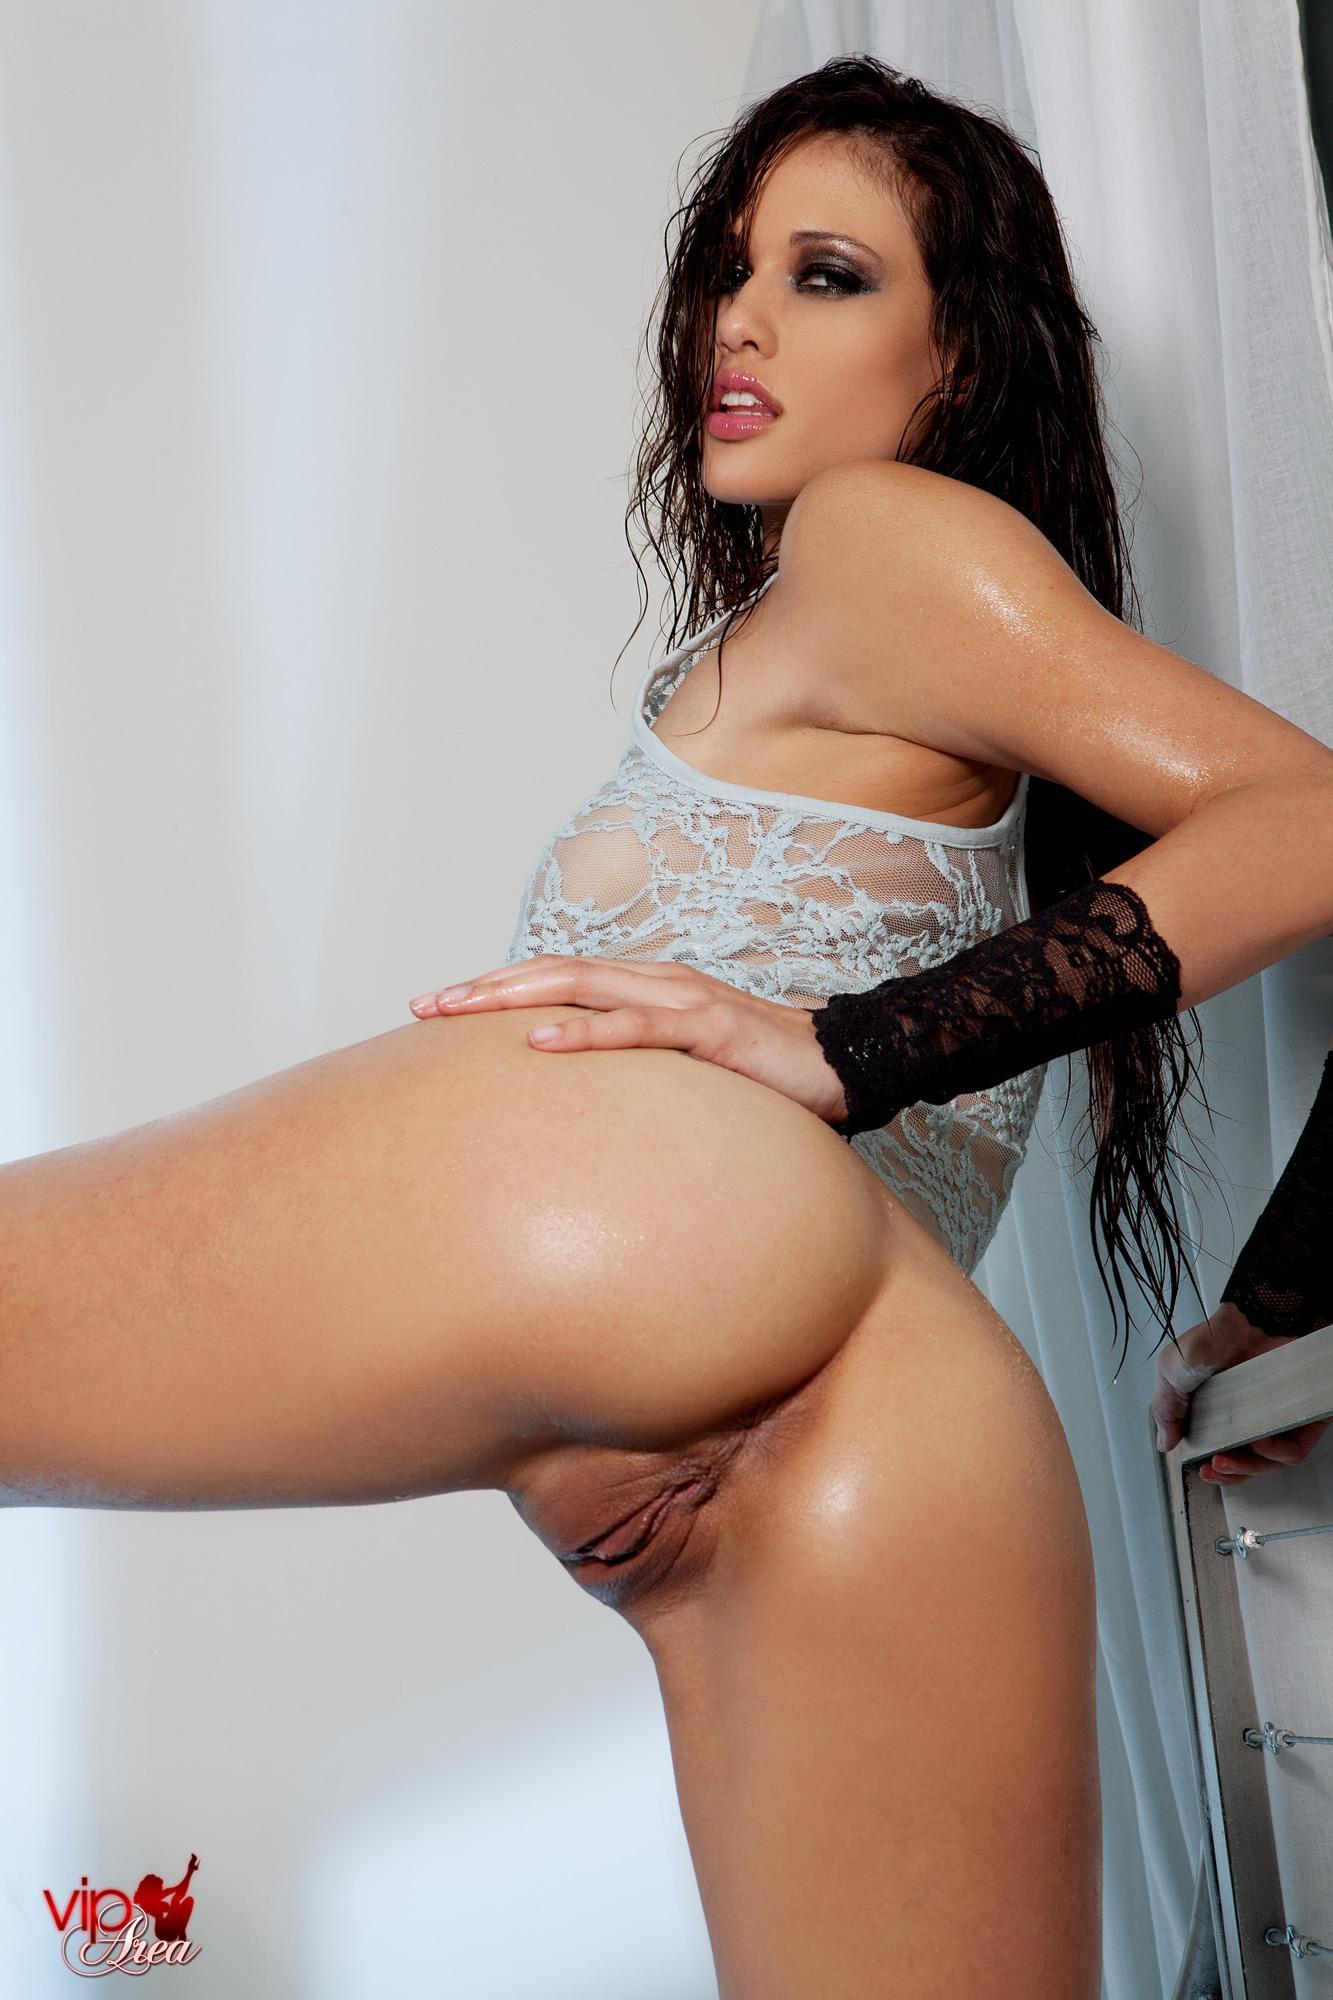 Tiffany thompson porn